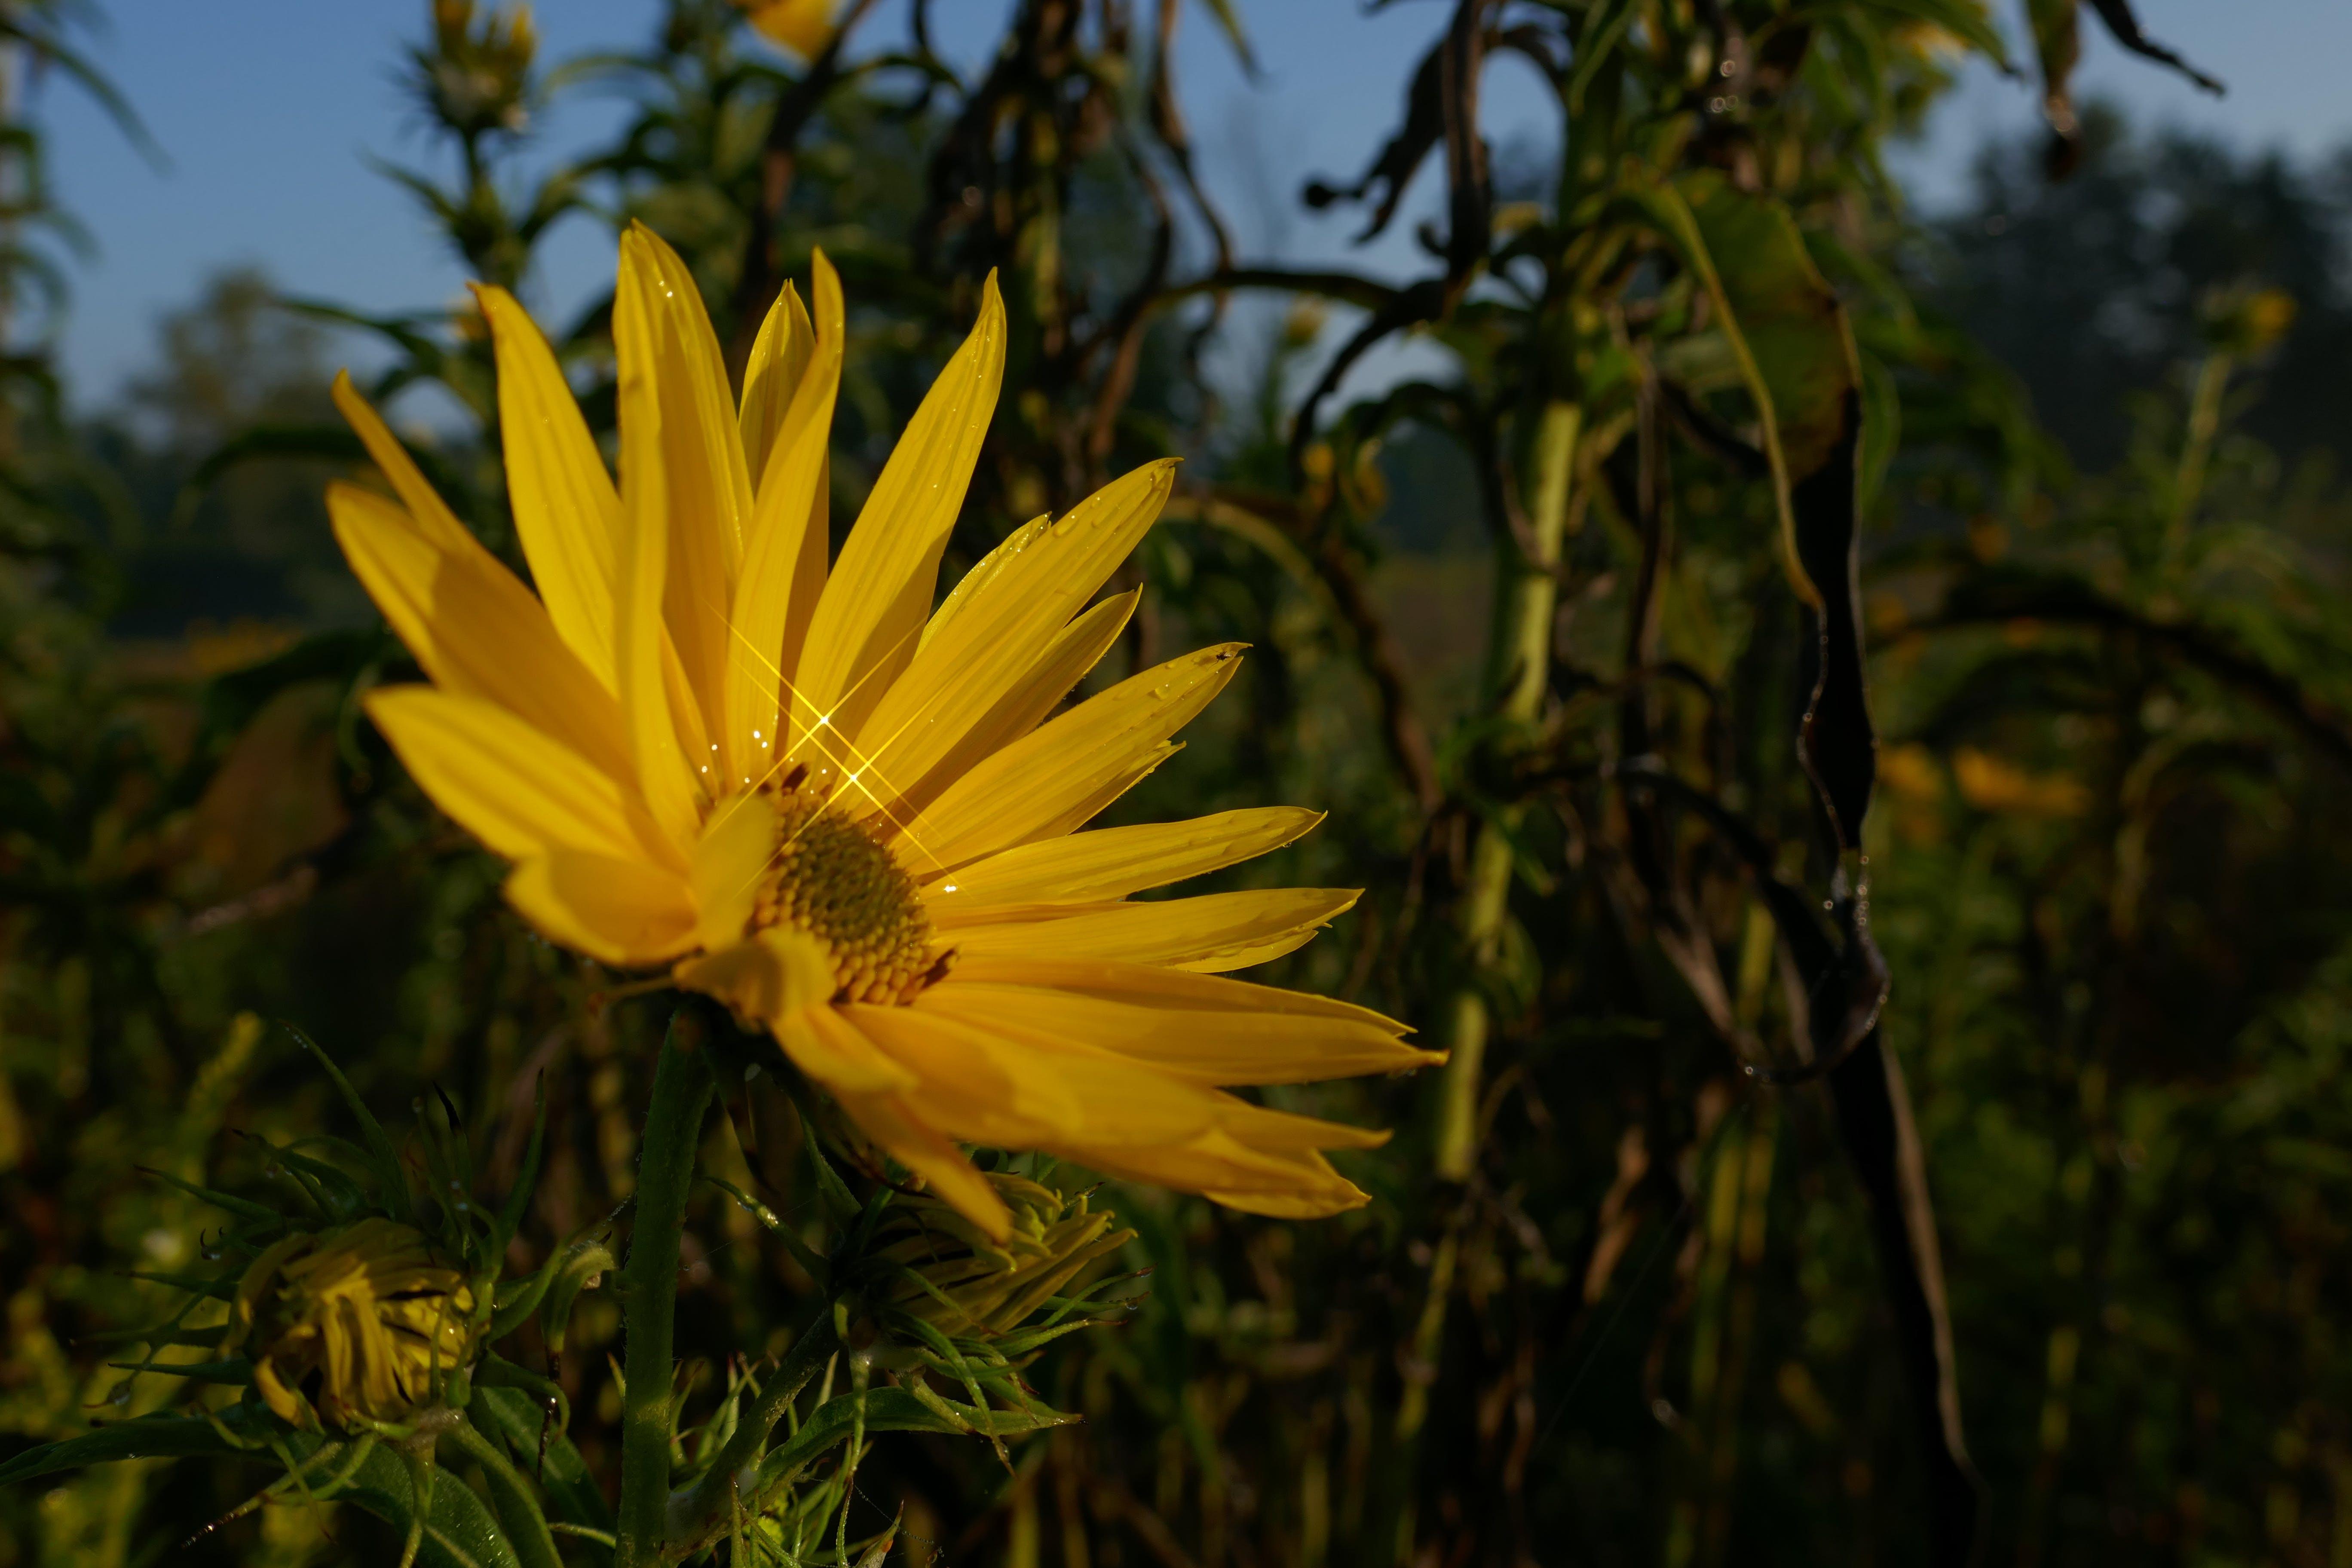 Kostenloses Stock Foto zu blume, funkeln, heliopsis helianthoides, ox augen sonnenblume